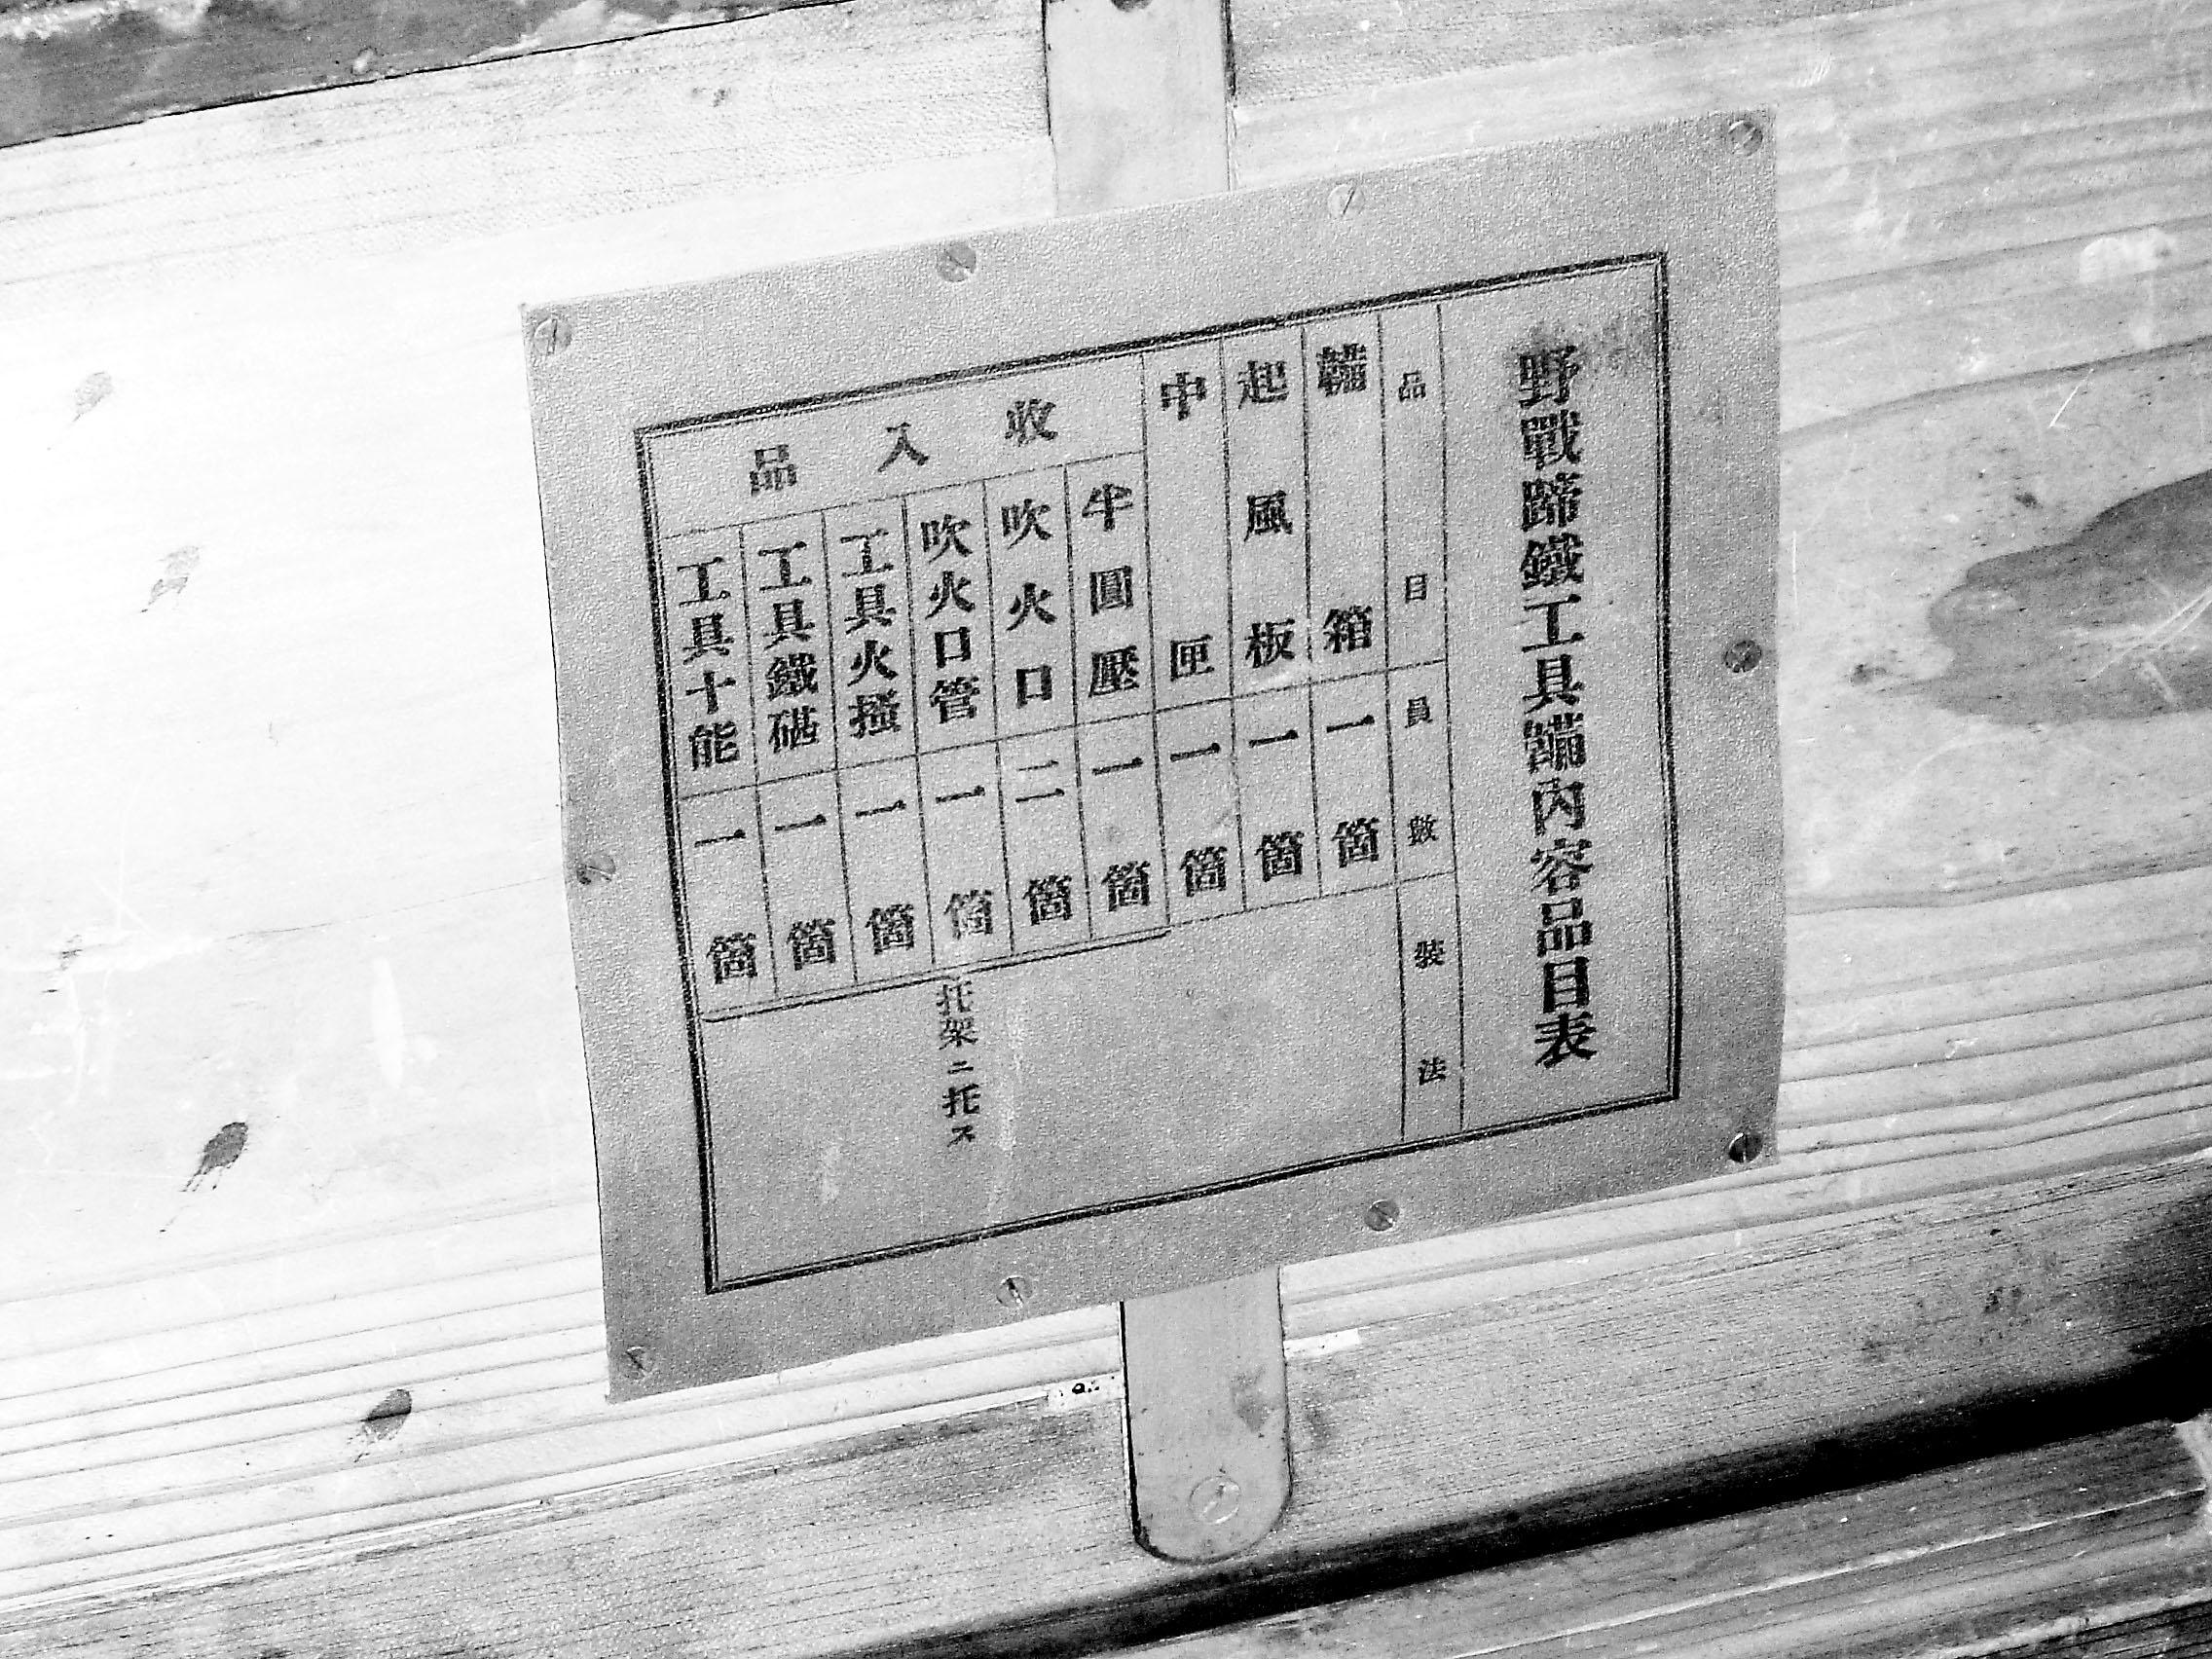 下图:工具箱里铭牌上标明工具品目.姜樾摄图片